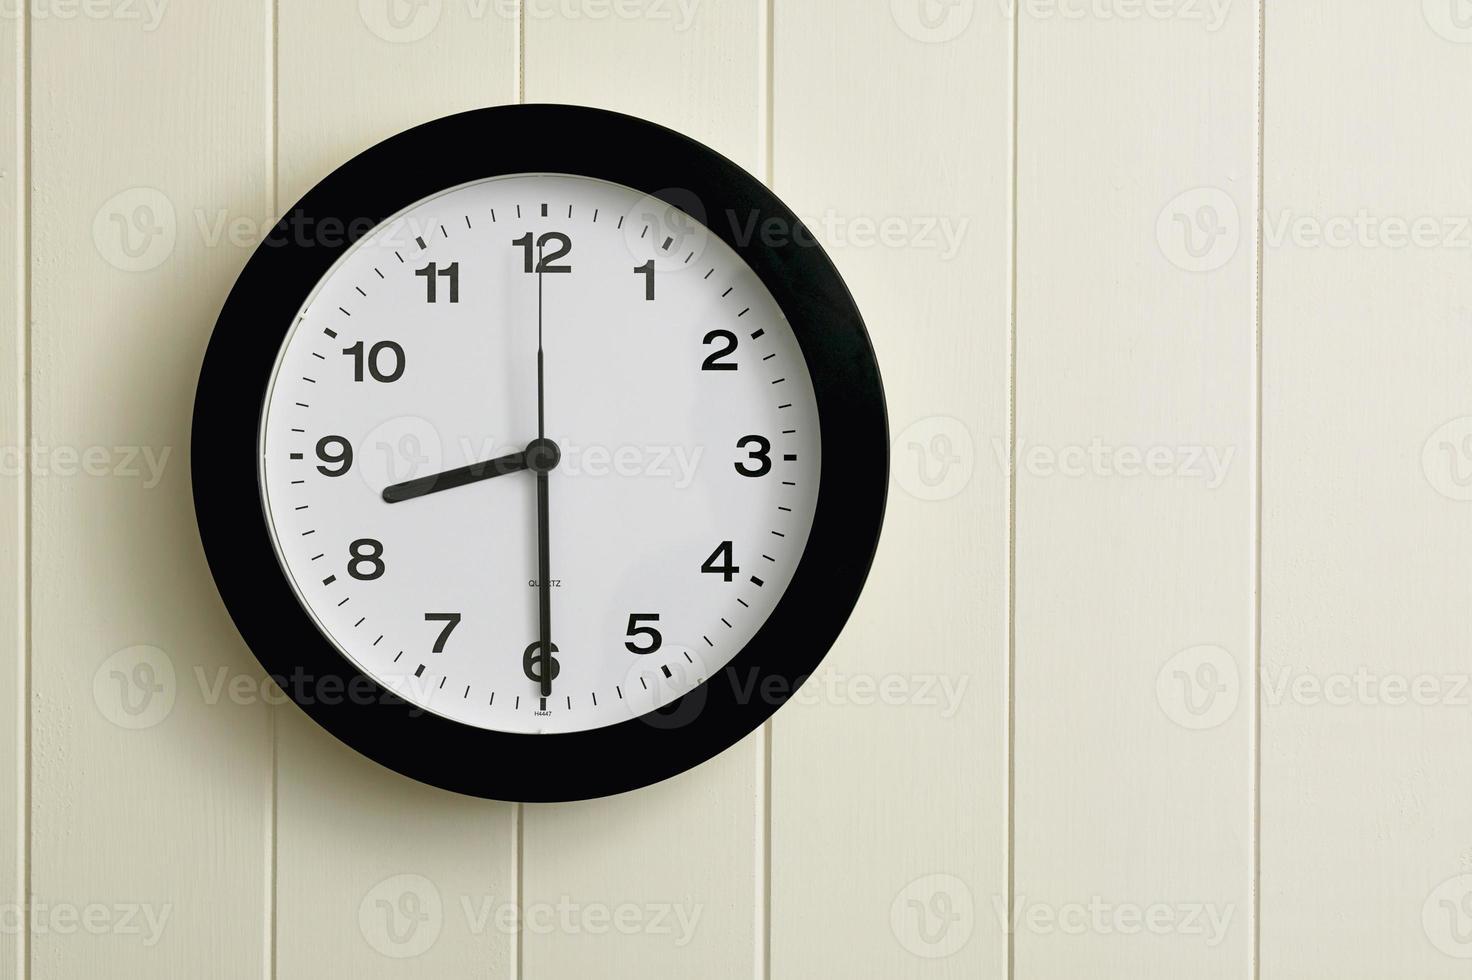 orologio sulla parete del pannello in legno verniciato foto